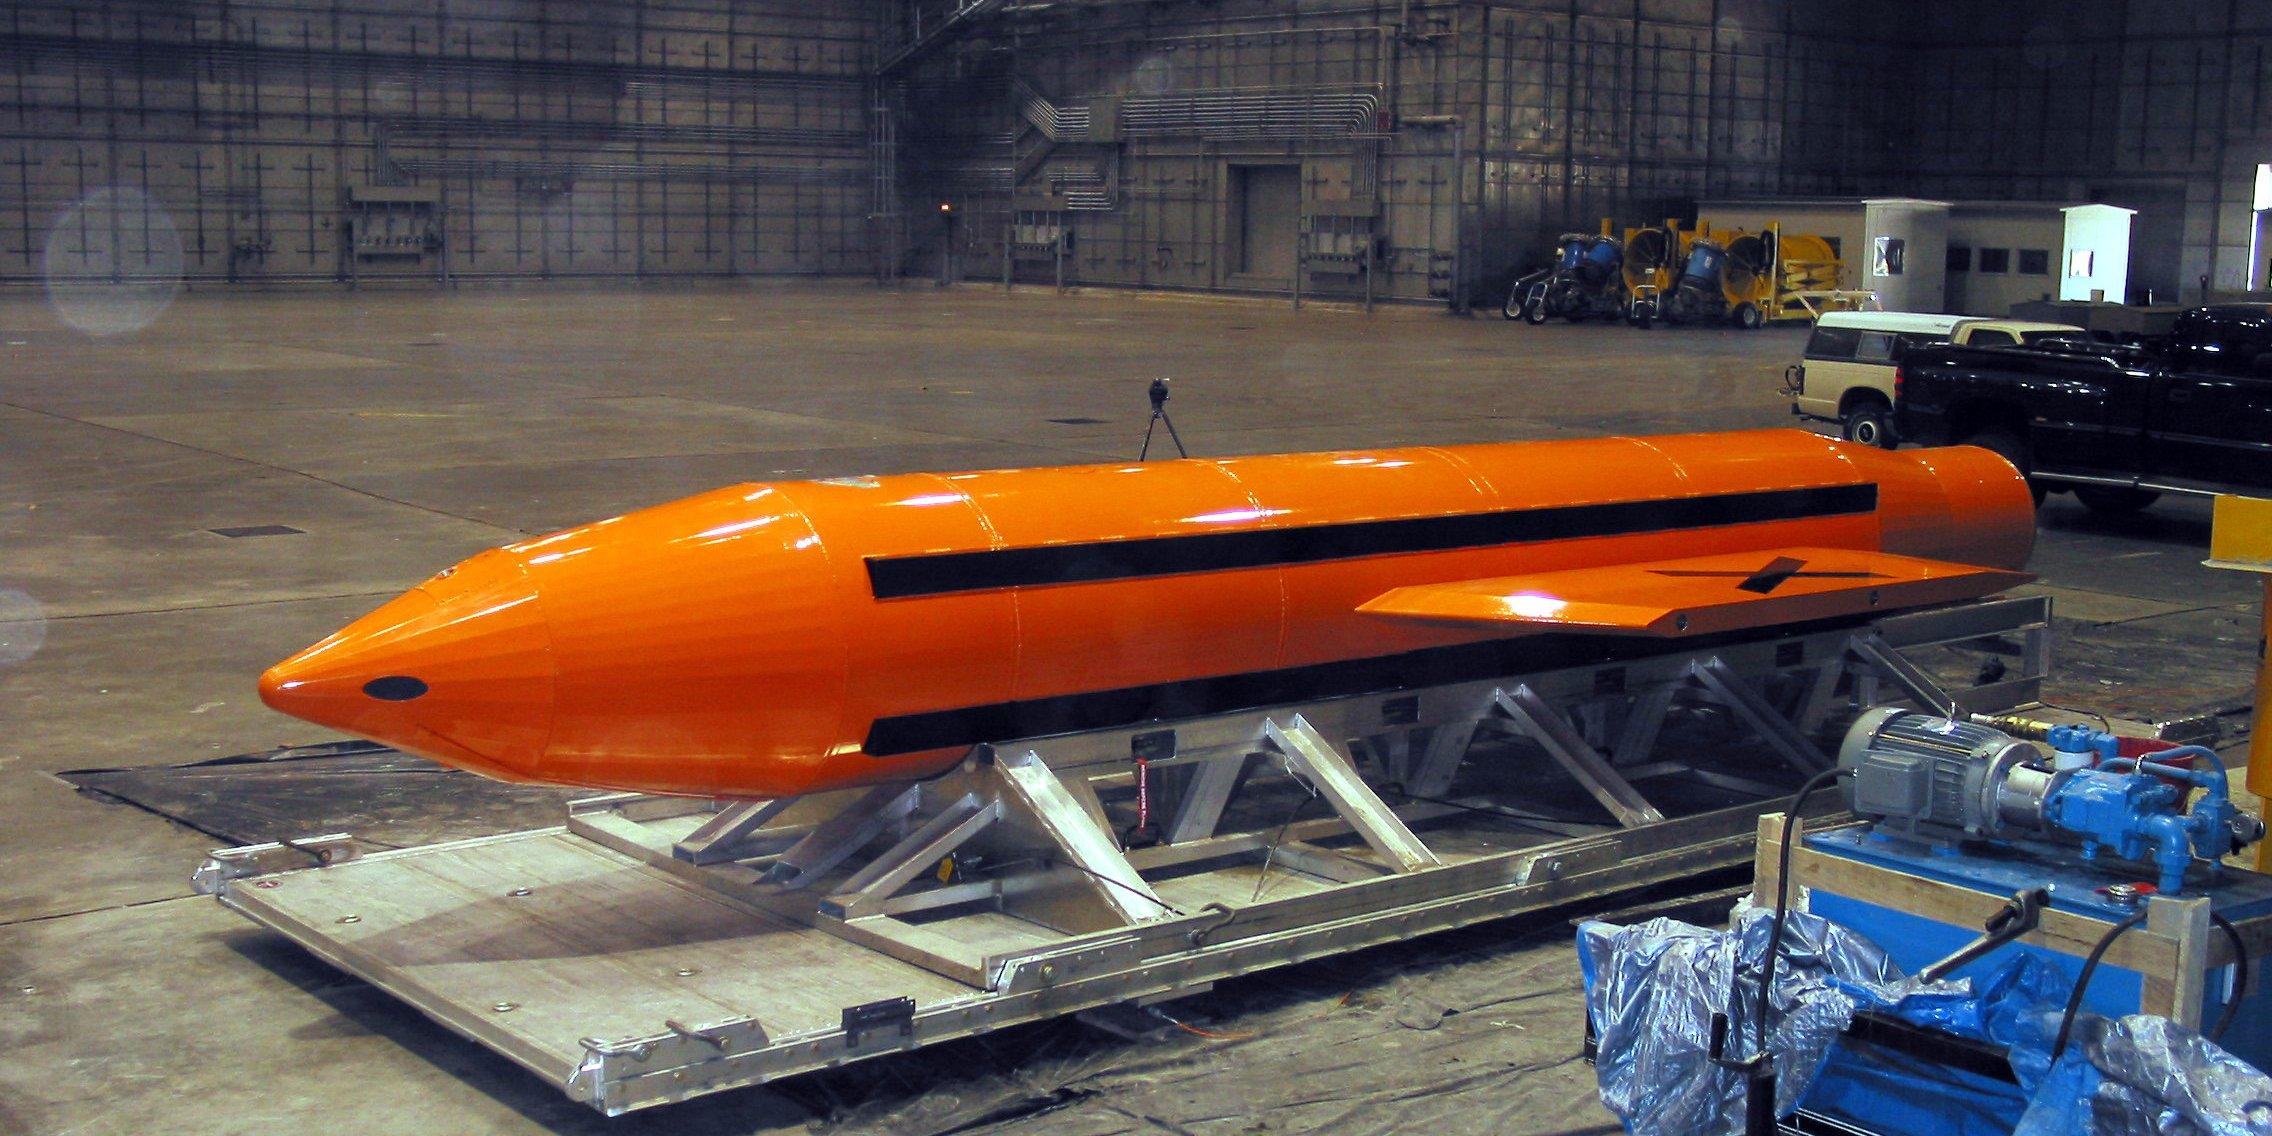 «مادر بمبها» تونلهای ساختهشده با پول «سیا» را نابود کرد